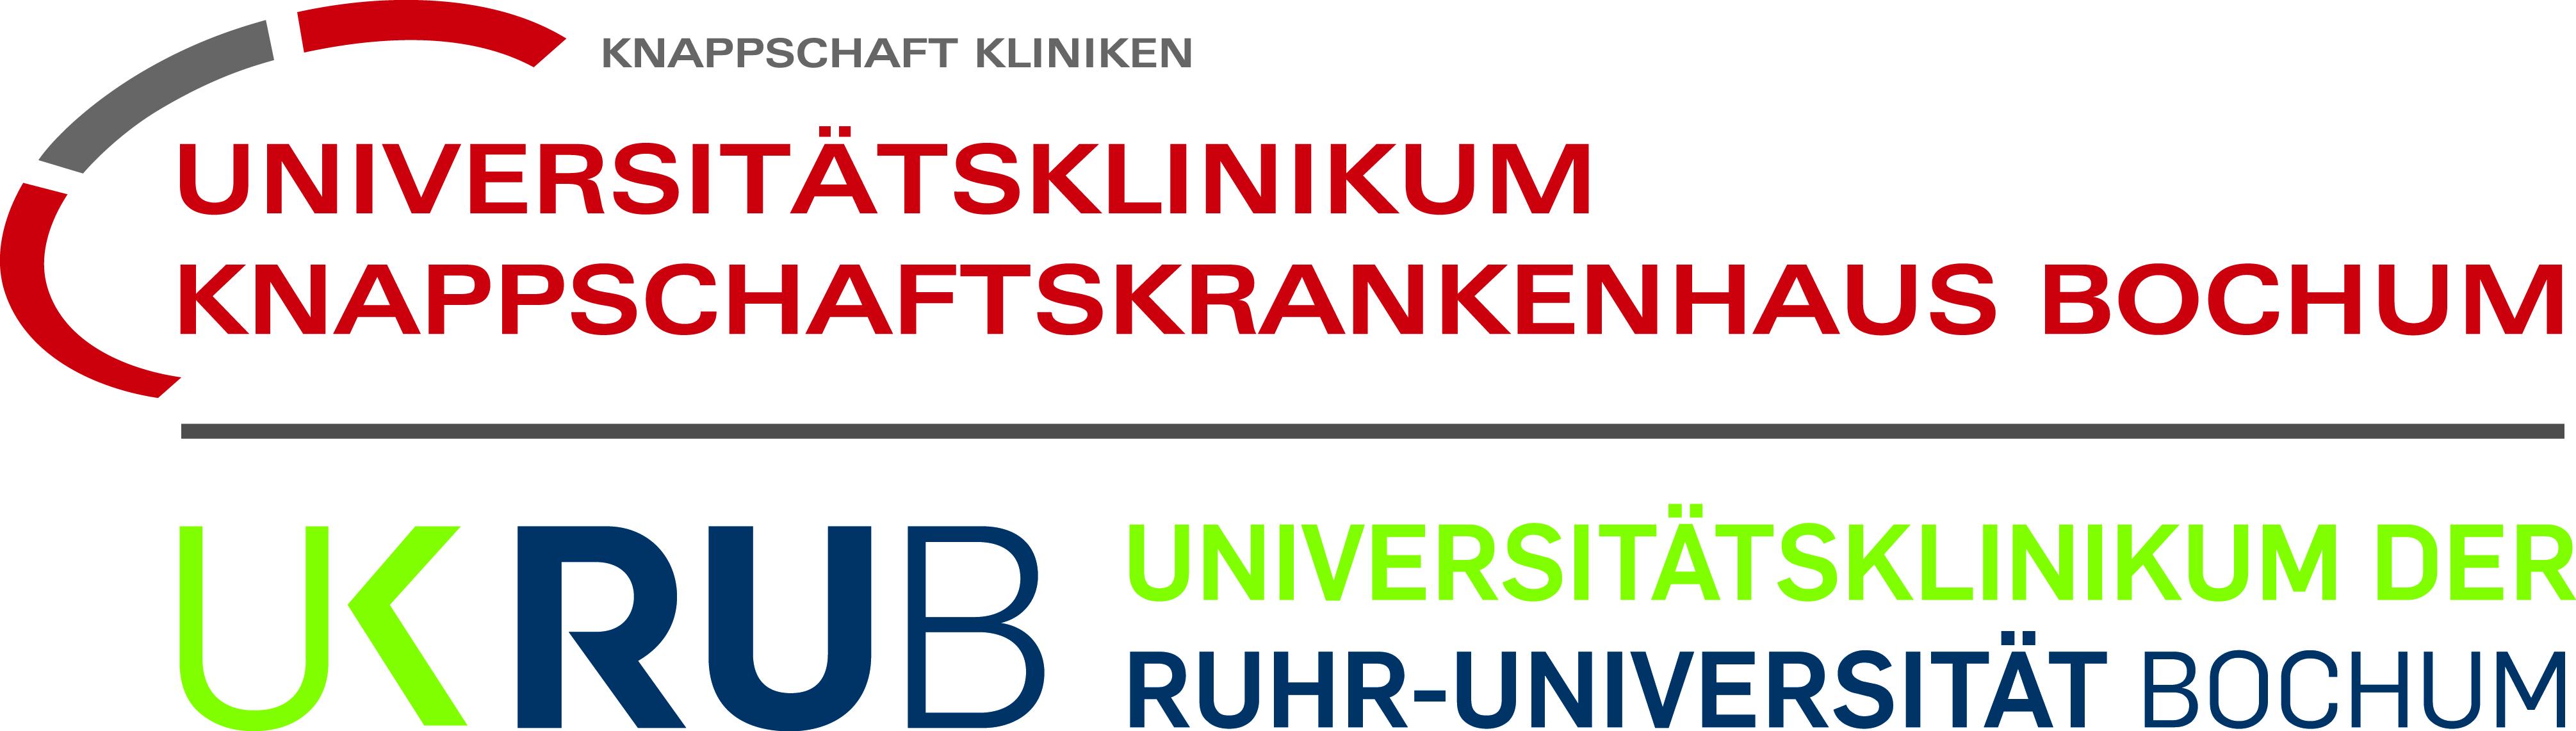 Knappschaftskrankenhaus als erstes Wirbelsäulenzentrum im Ruhrgebiet zertifiziert